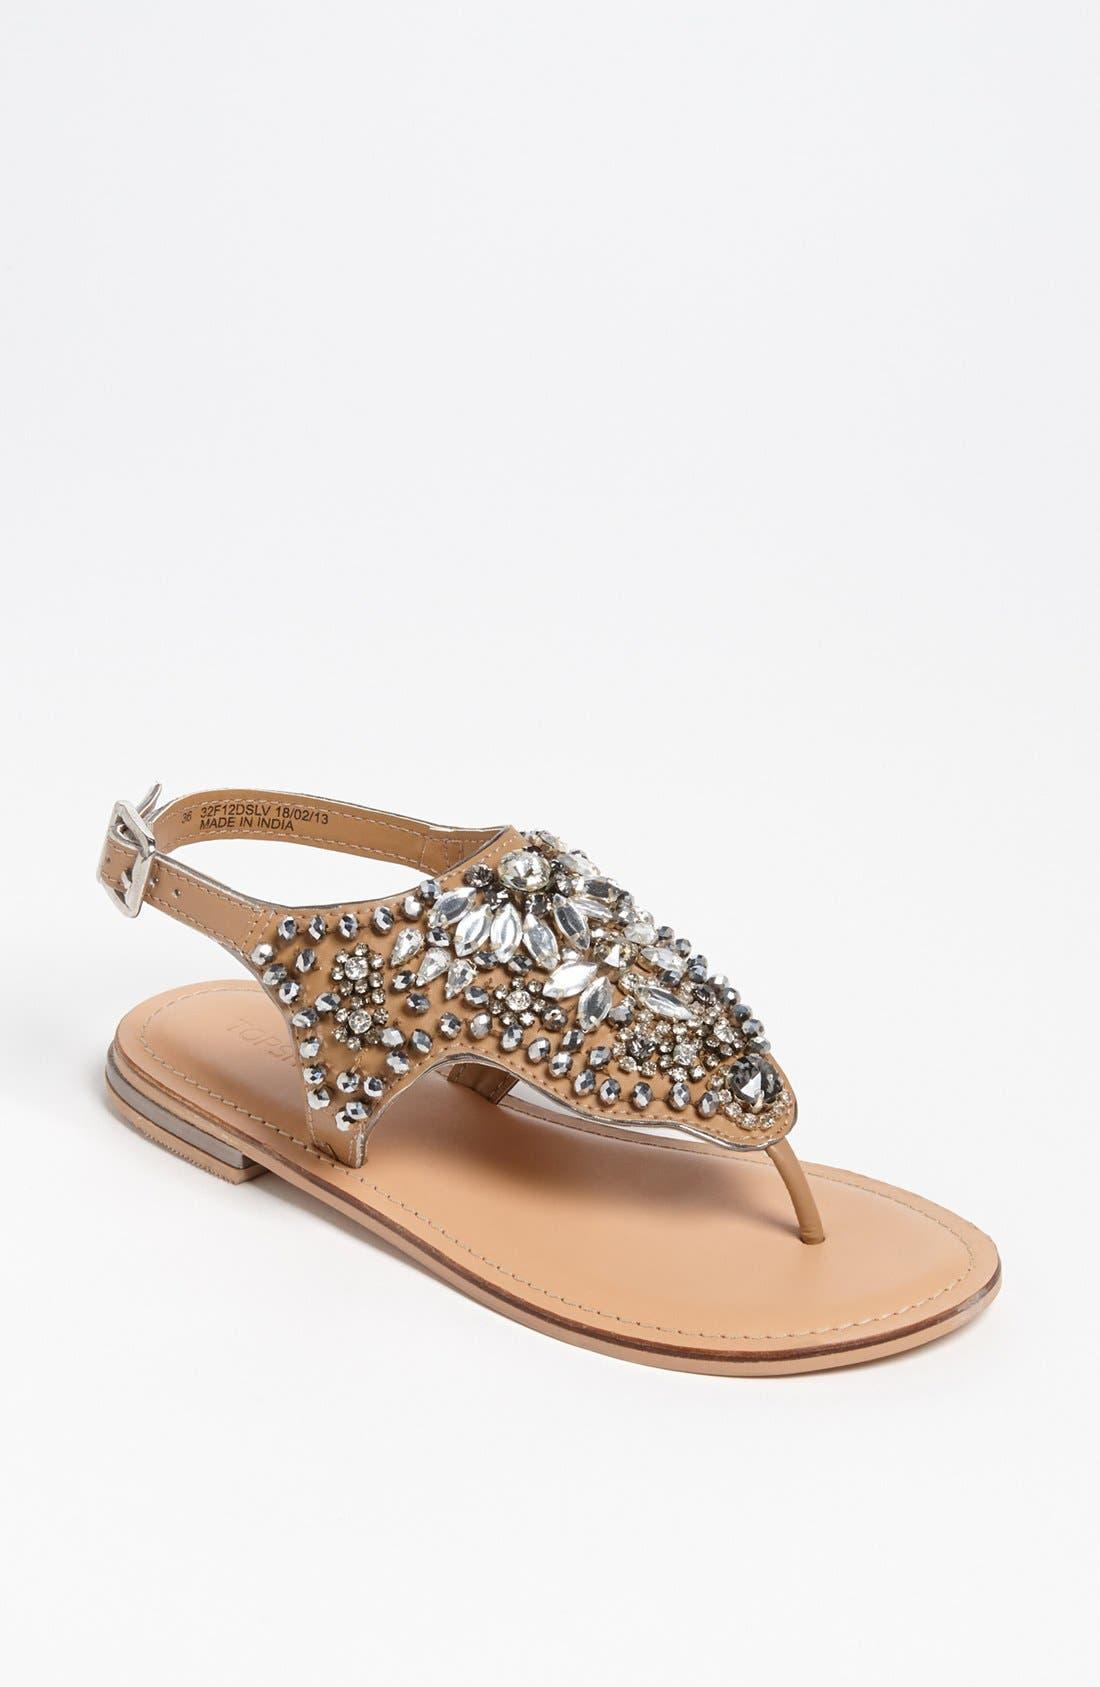 Alternate Image 1 Selected - Topshop 'Fliss' Sandal